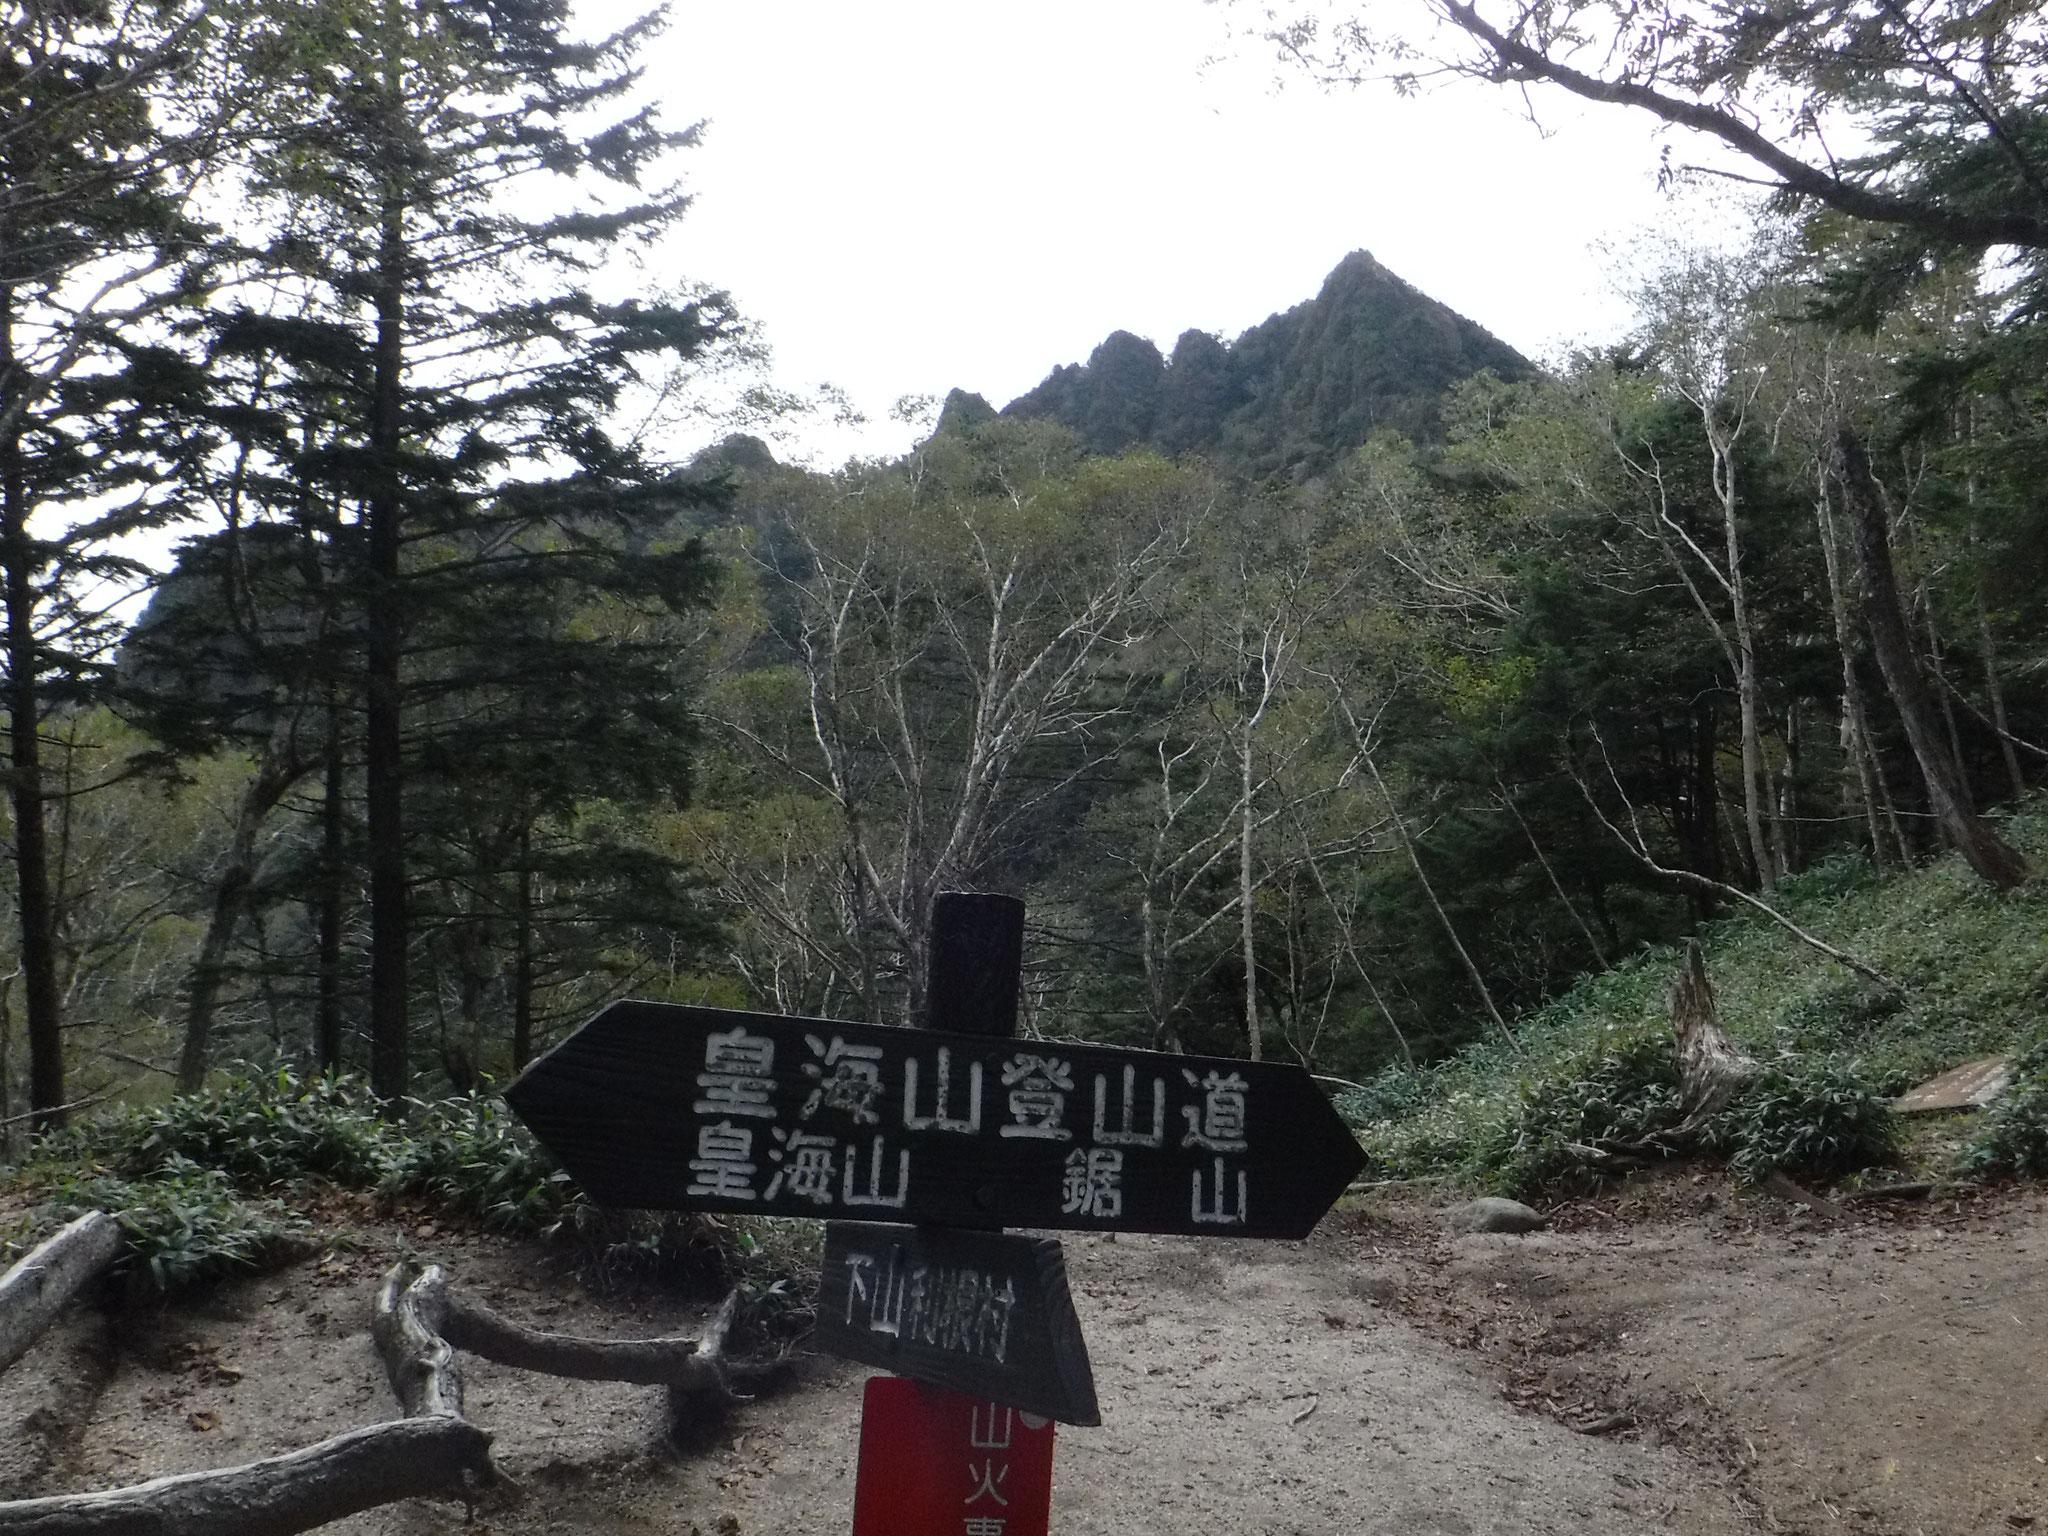 鞍部からの鋸岳、楽しそう、展望良さそうな稜線